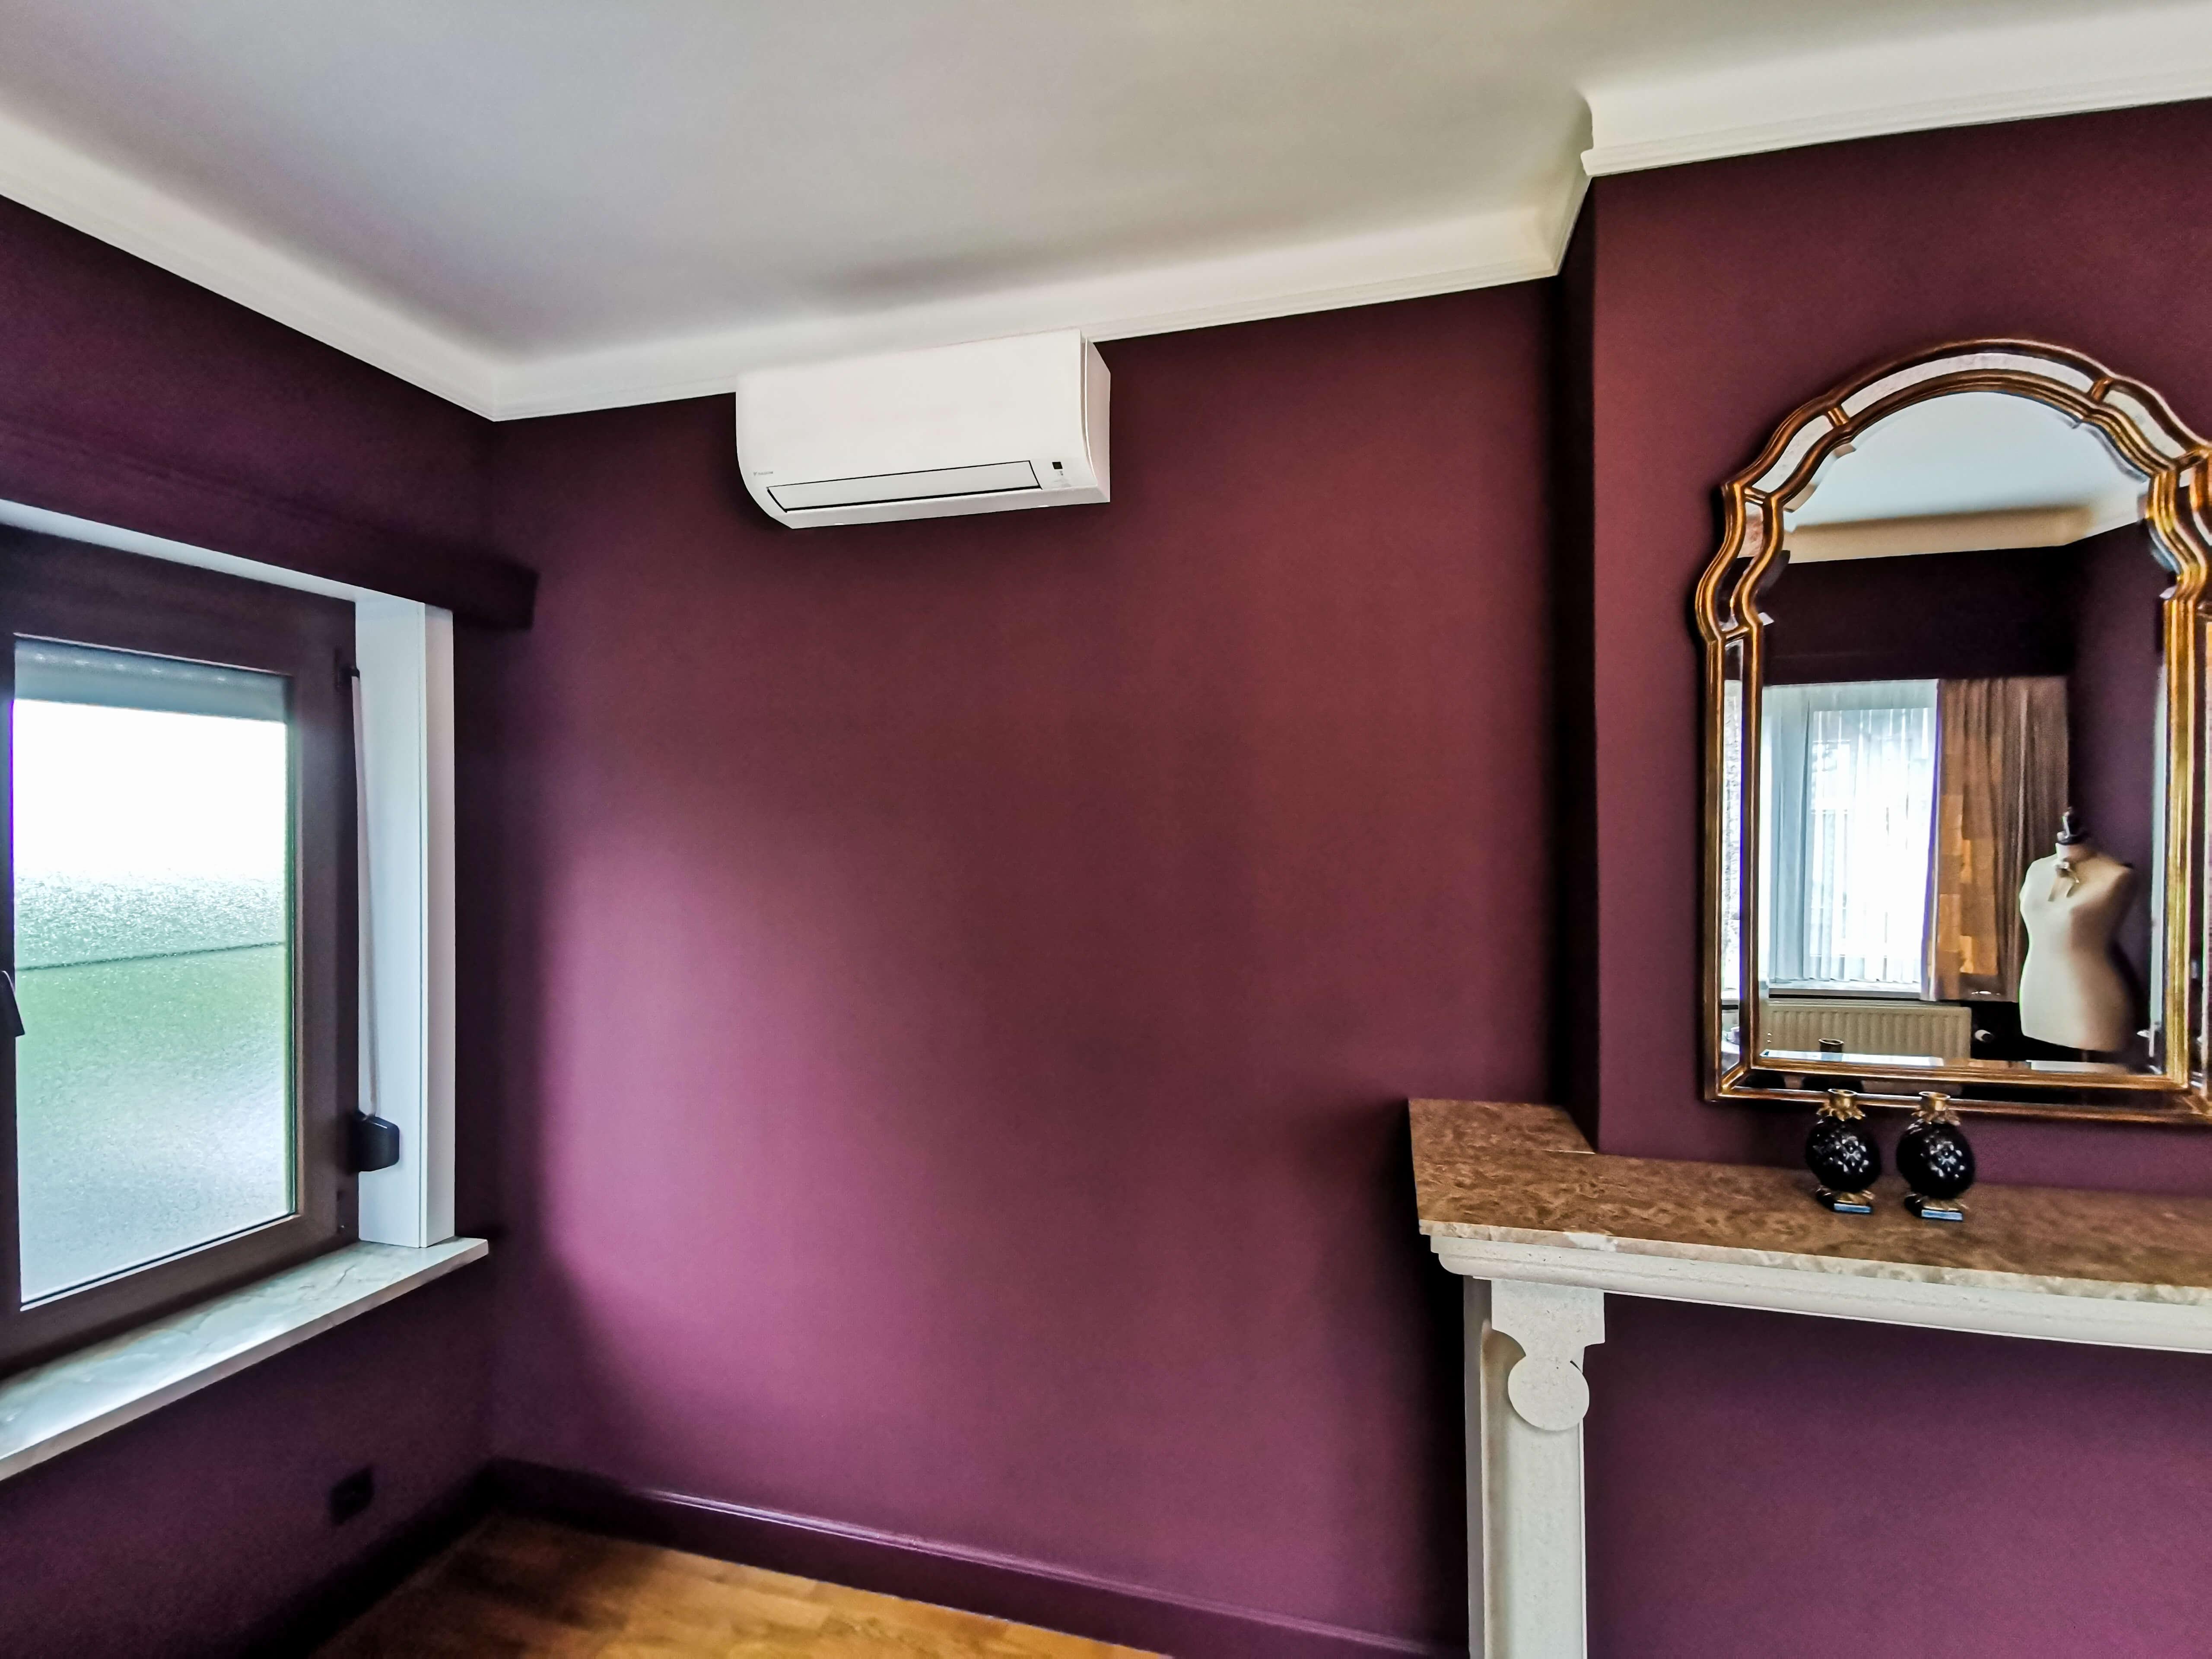 Airco koelt een ruime kamer met muren in het bordeaux